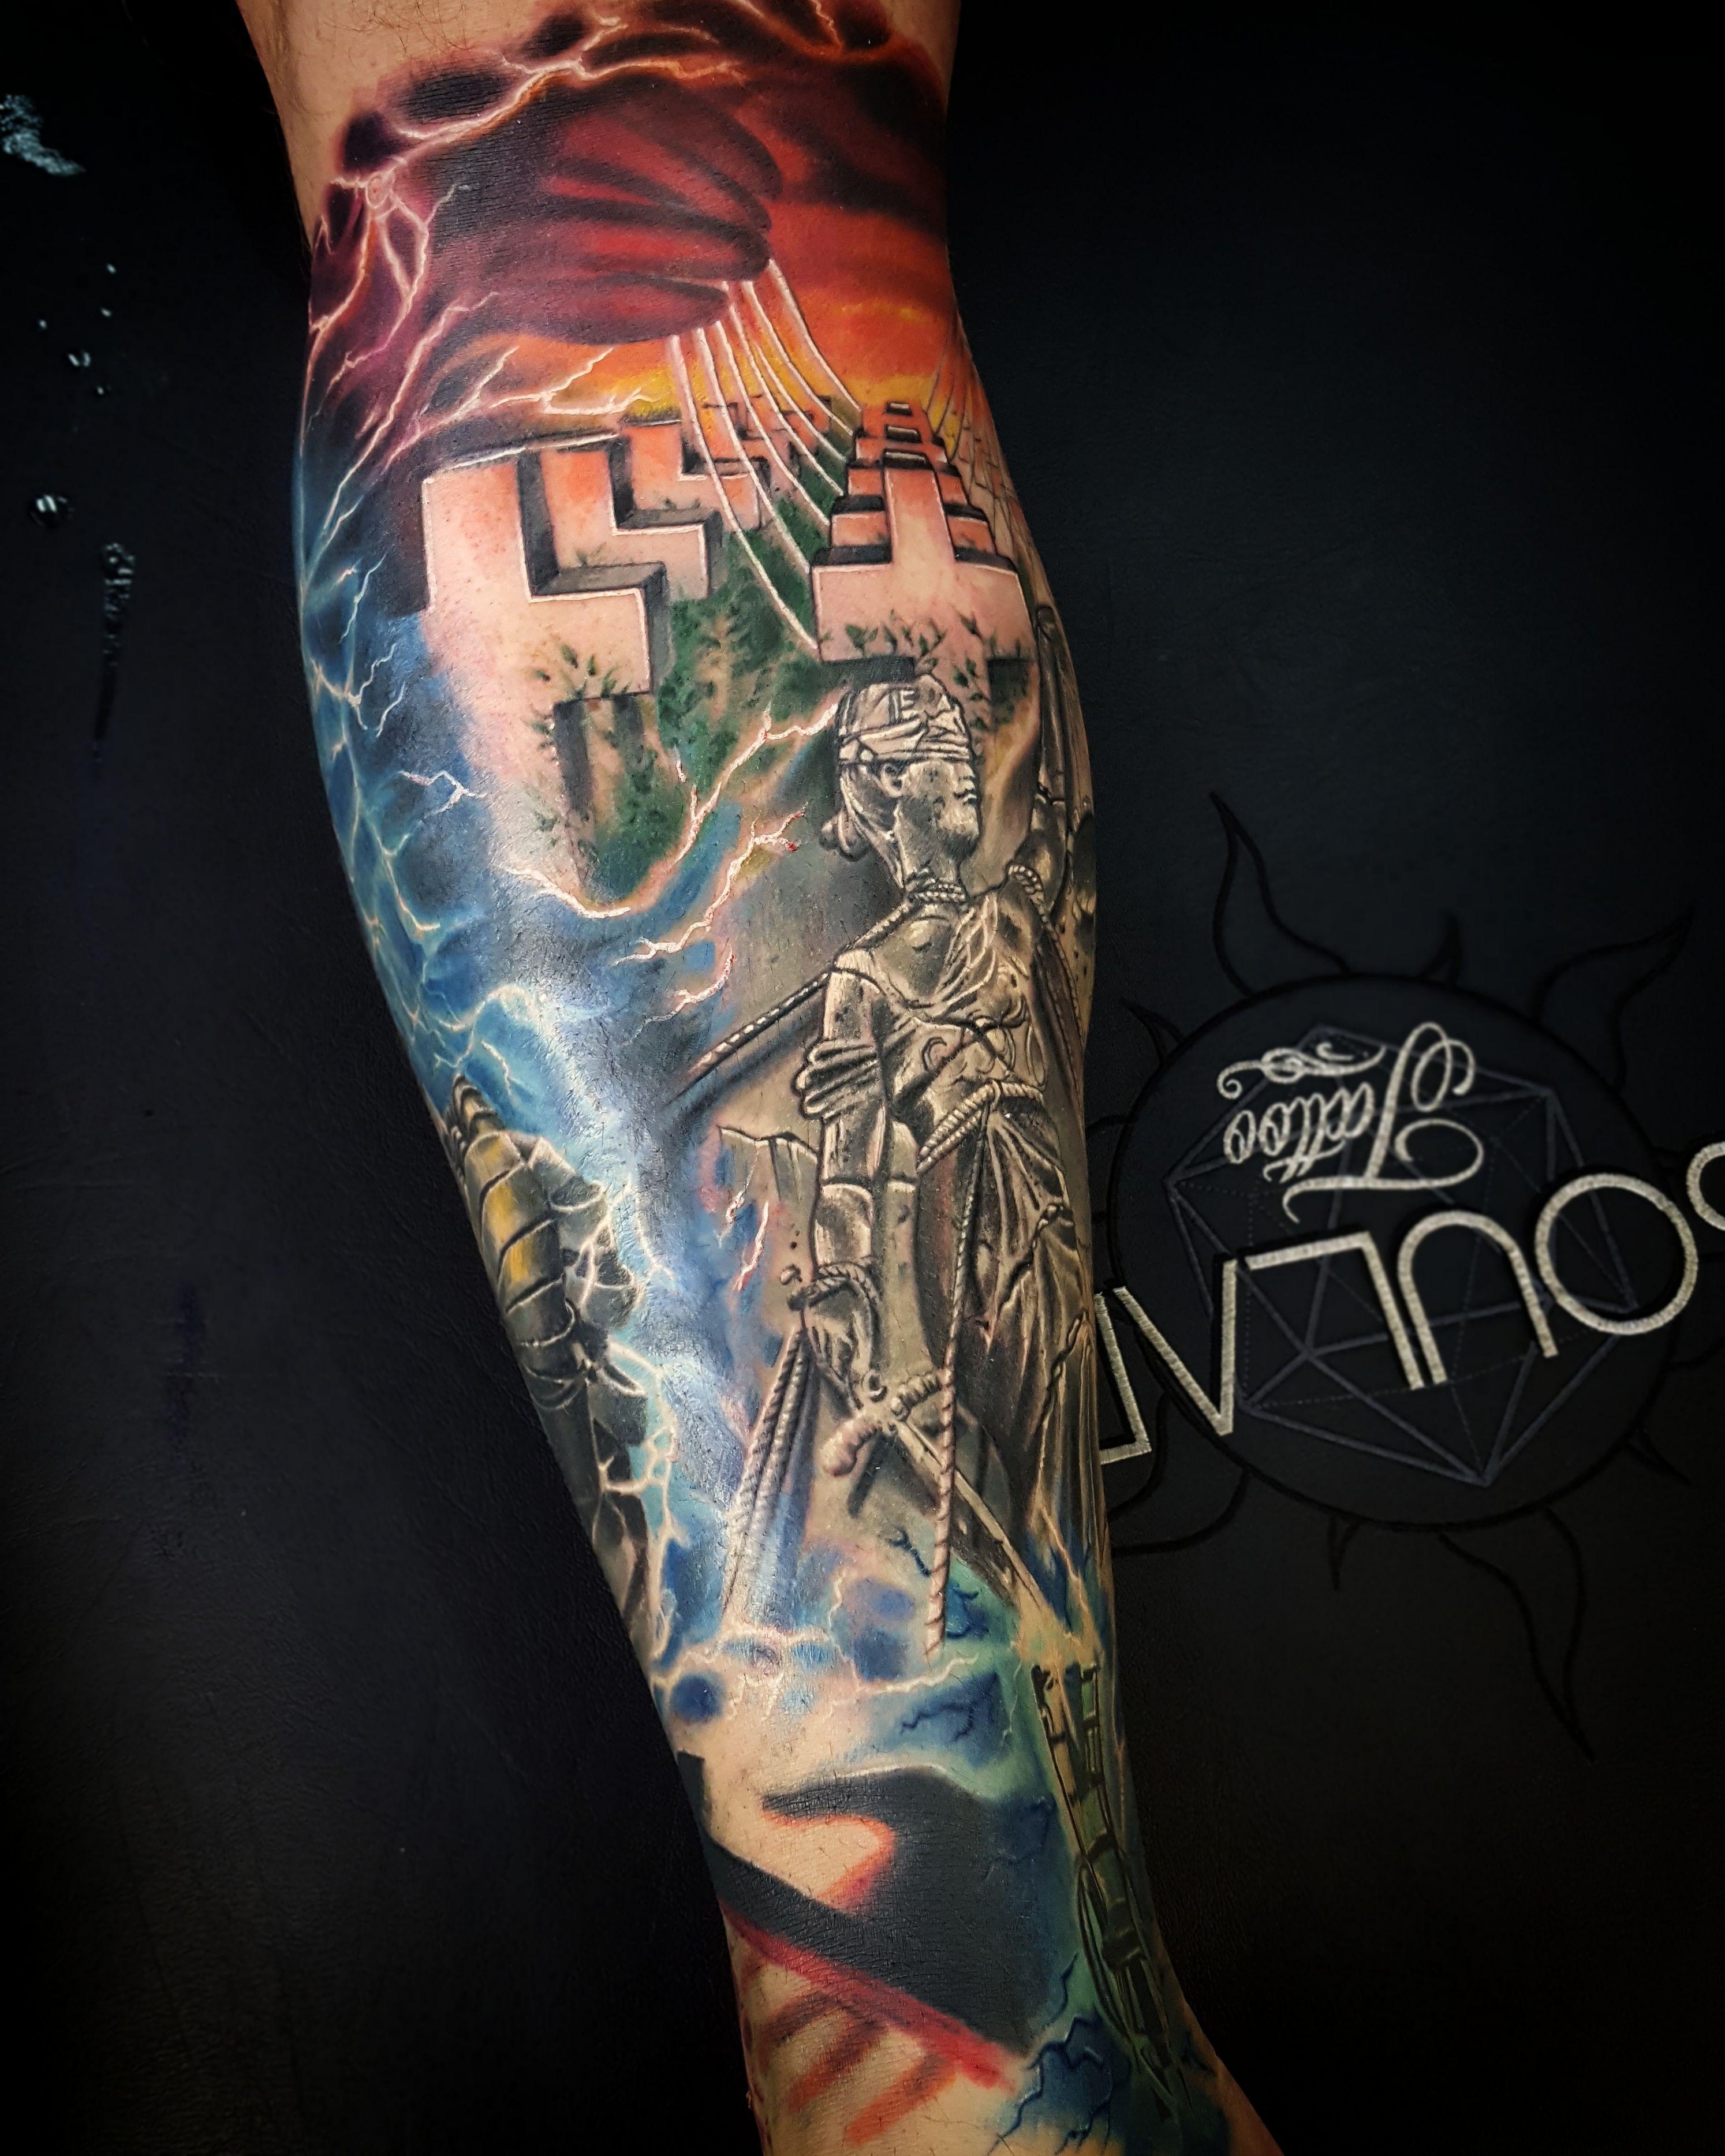 Metallica album cover leg tattoo by matt parkin soular